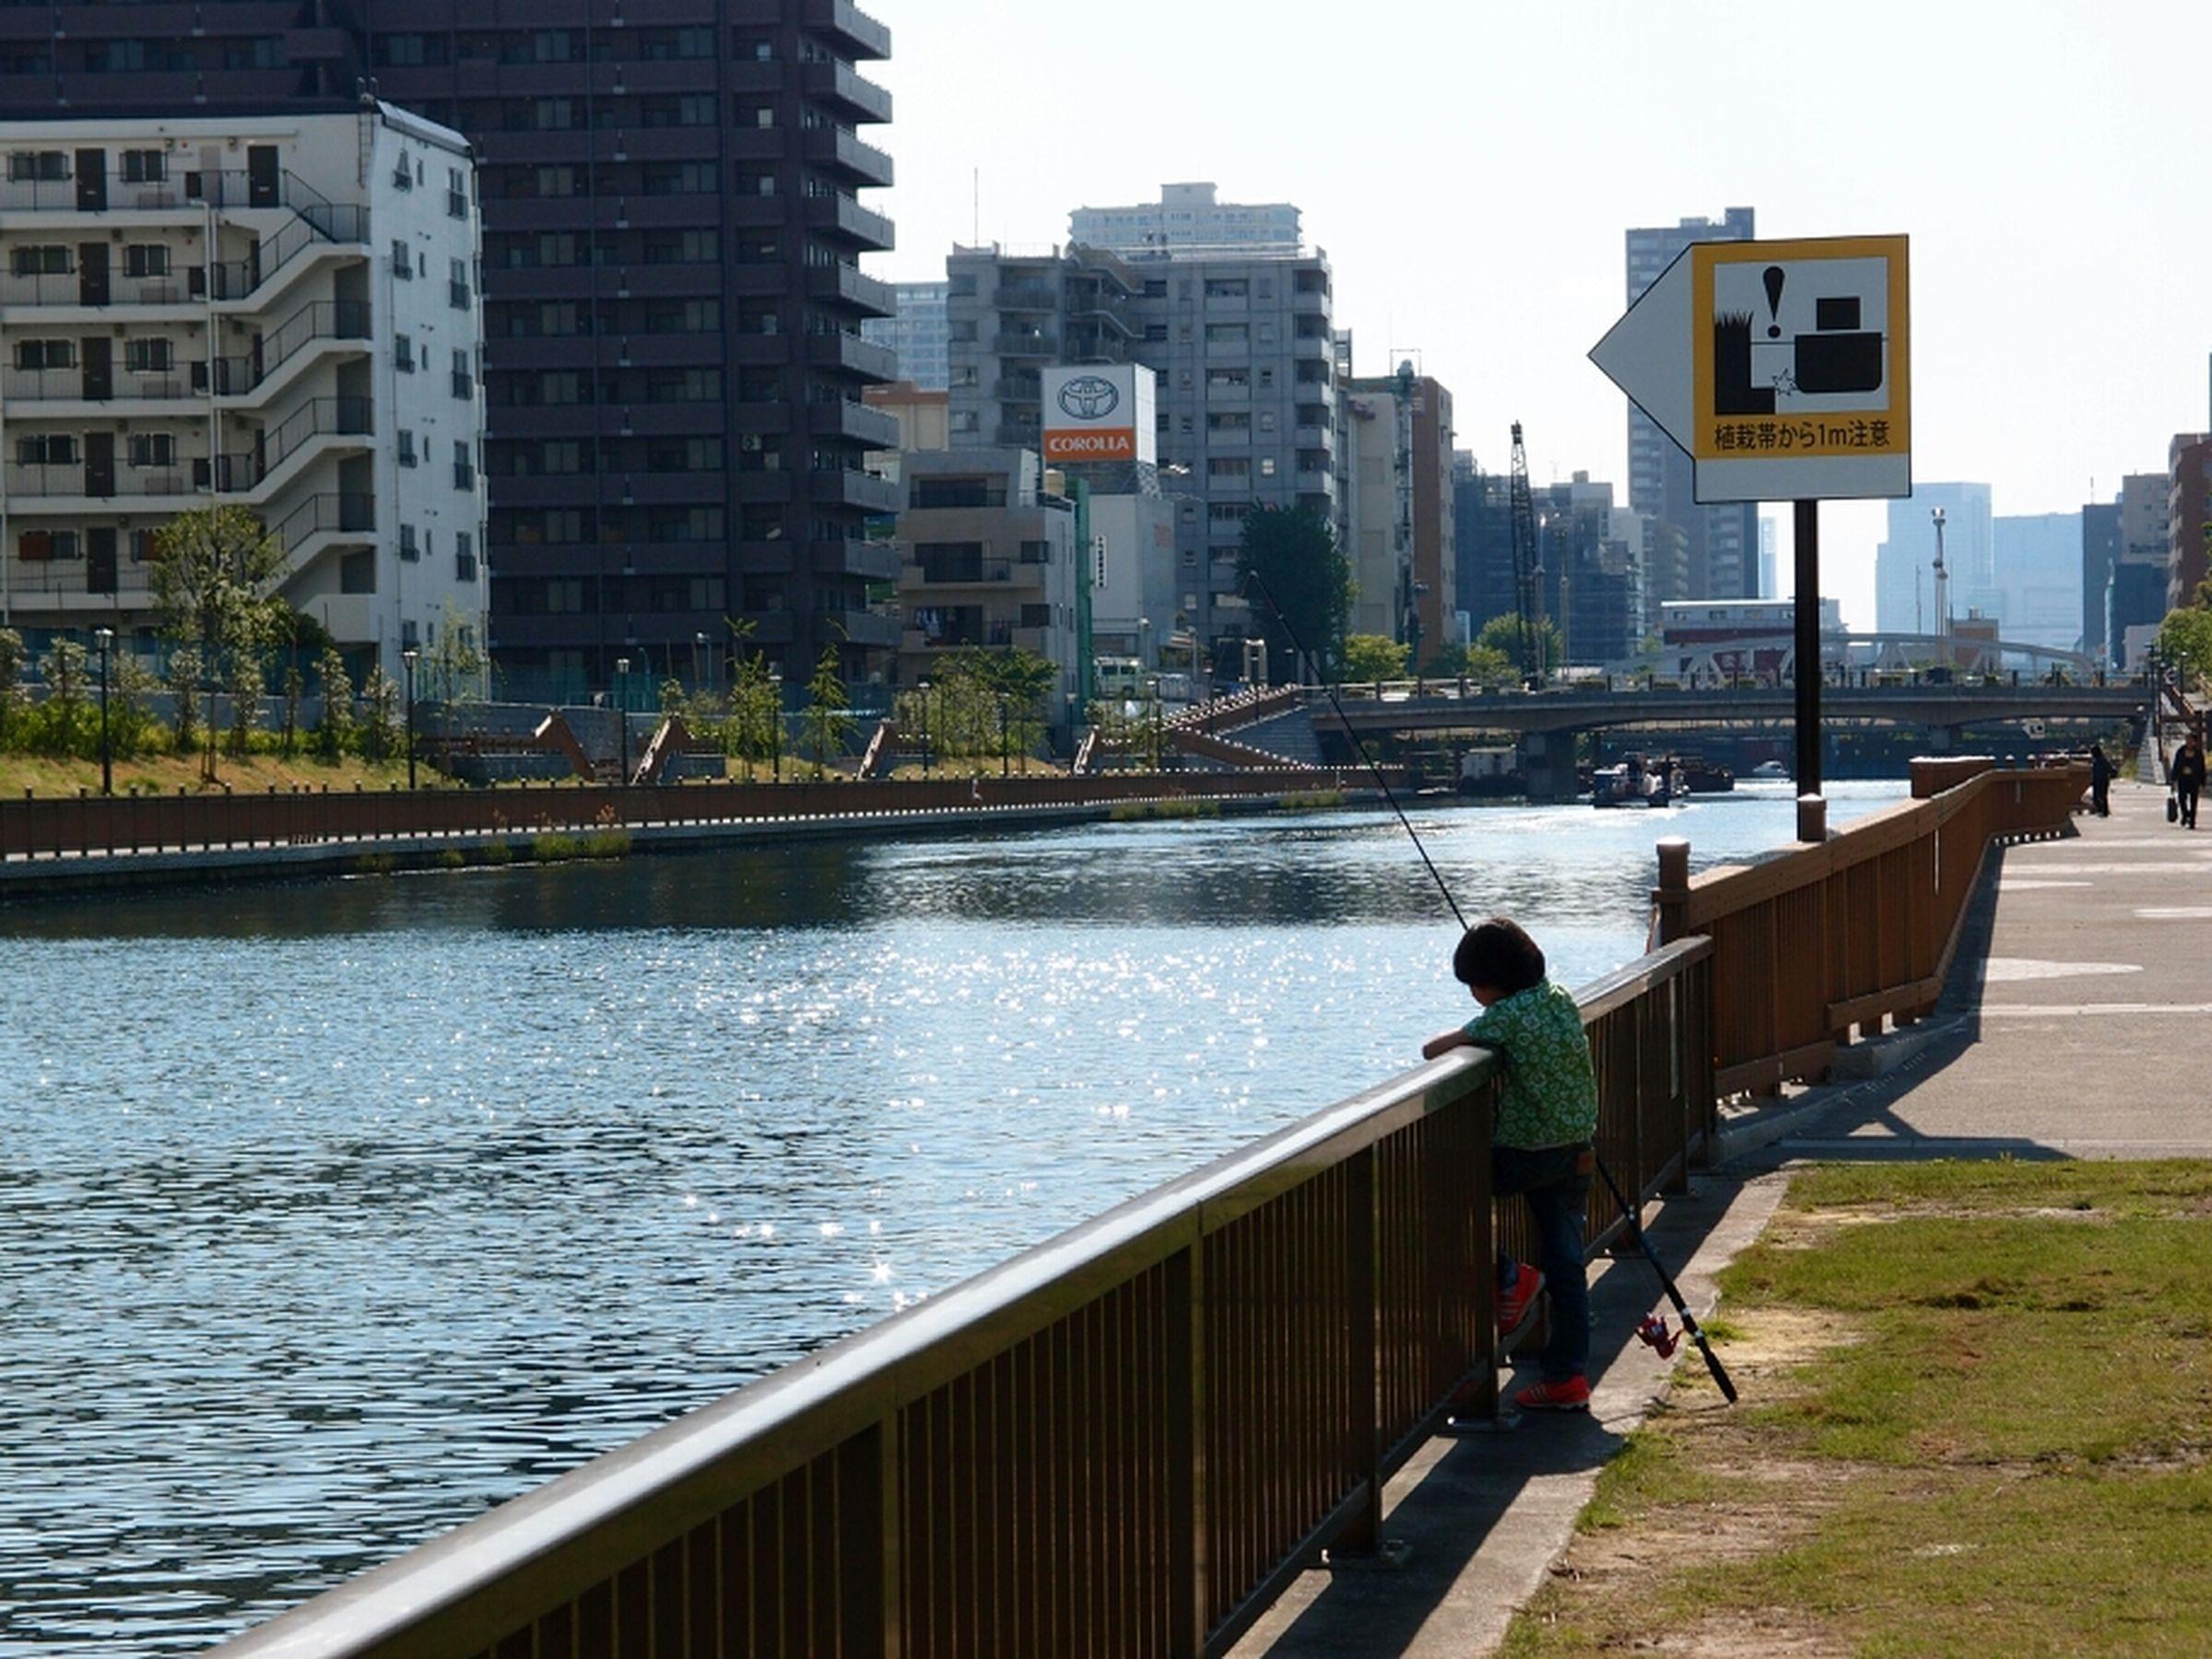 江戸前の釣りはハゼに始まりハゼに終わるってね。だがまだ魚ちっさい上に川は藻とクラゲだらけでだめだこりゃ。